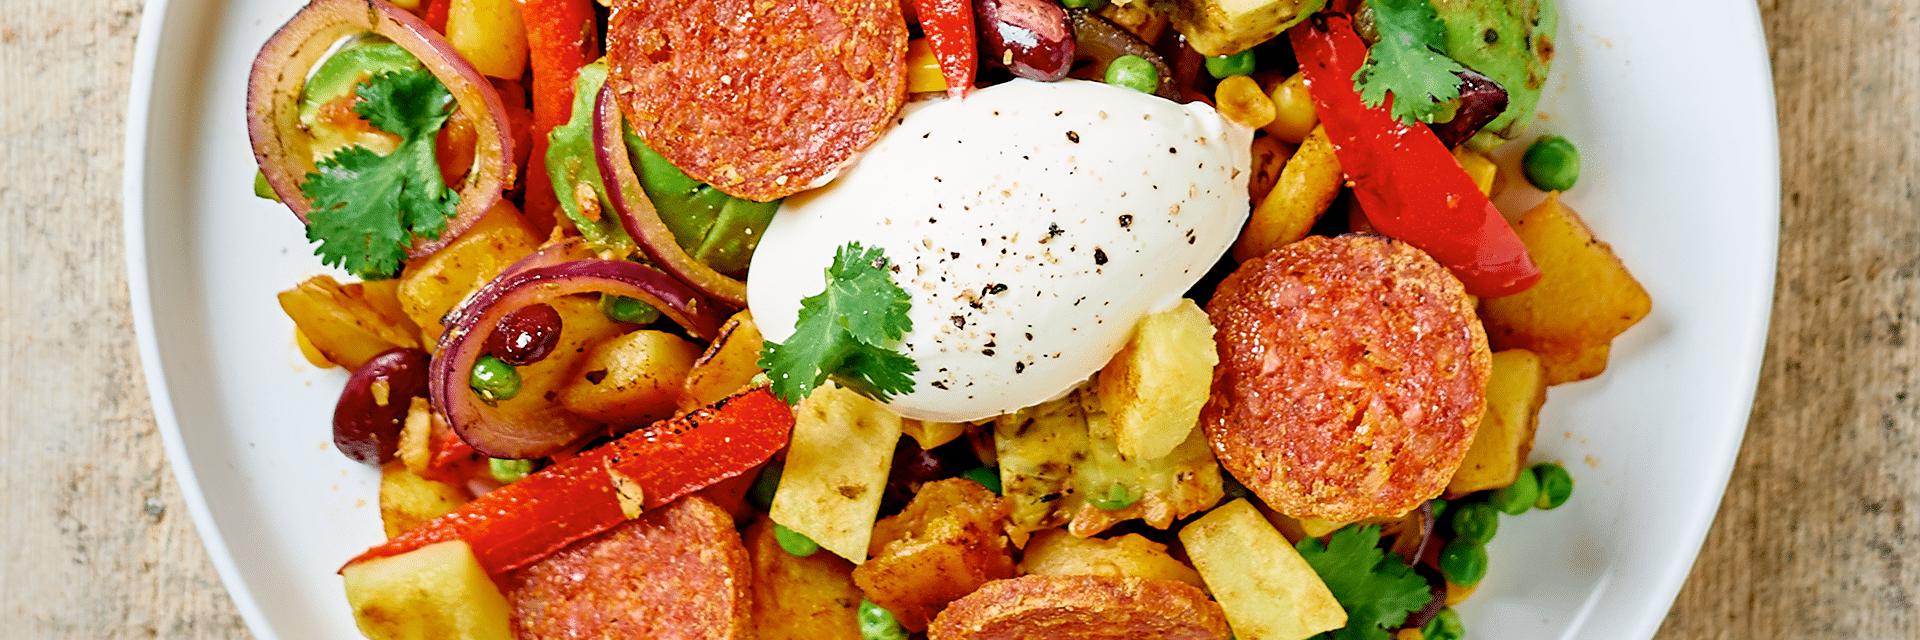 Wokgerecht met aardappel, chorizo, maïs, paprika en erwtjes